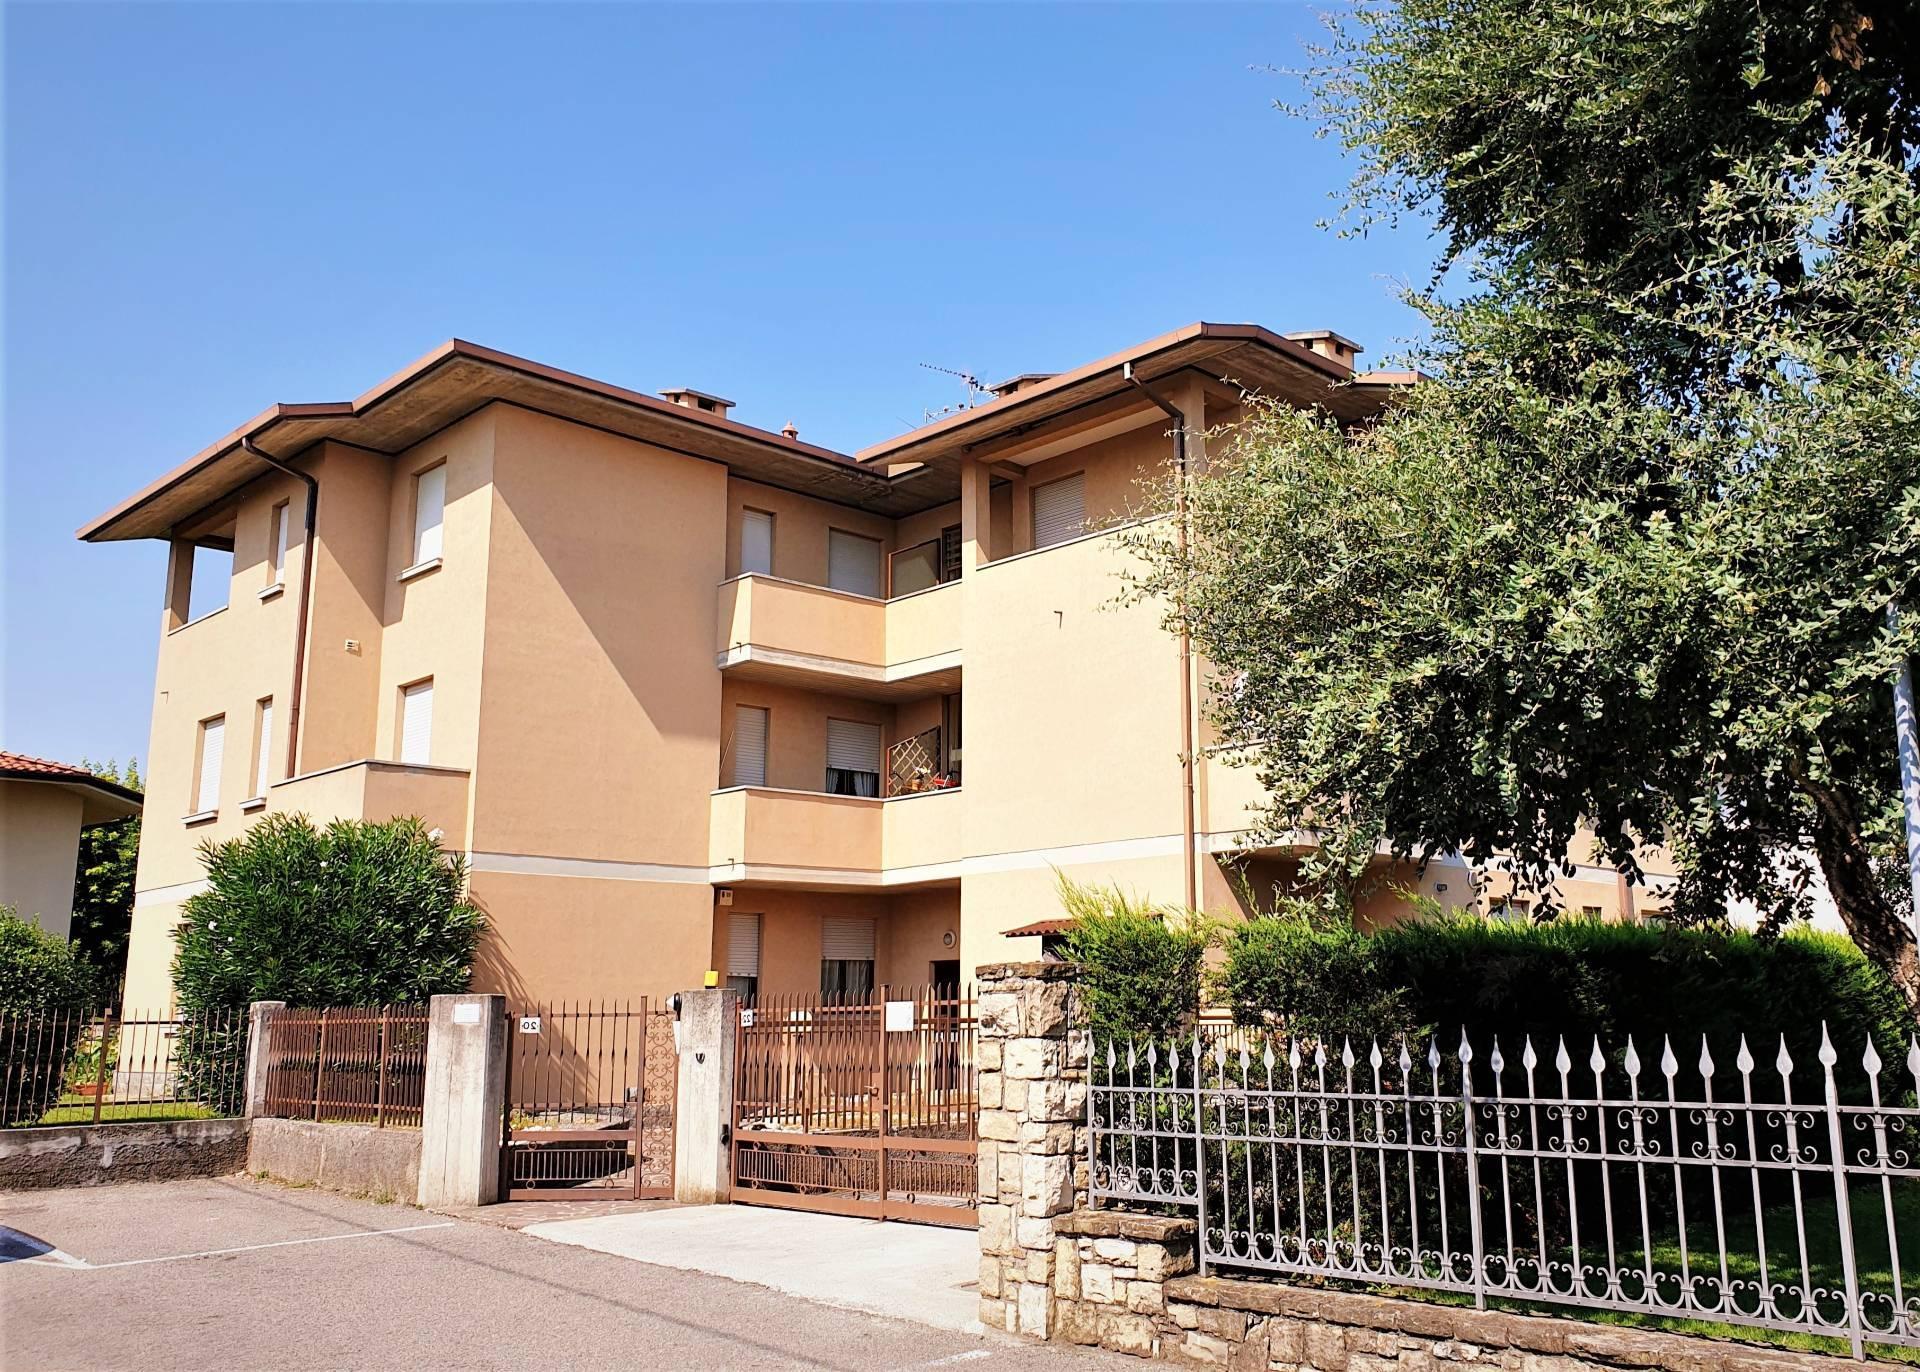 Appartamento in vendita a Cazzago San Martino, 4 locali, prezzo € 125.000 | PortaleAgenzieImmobiliari.it